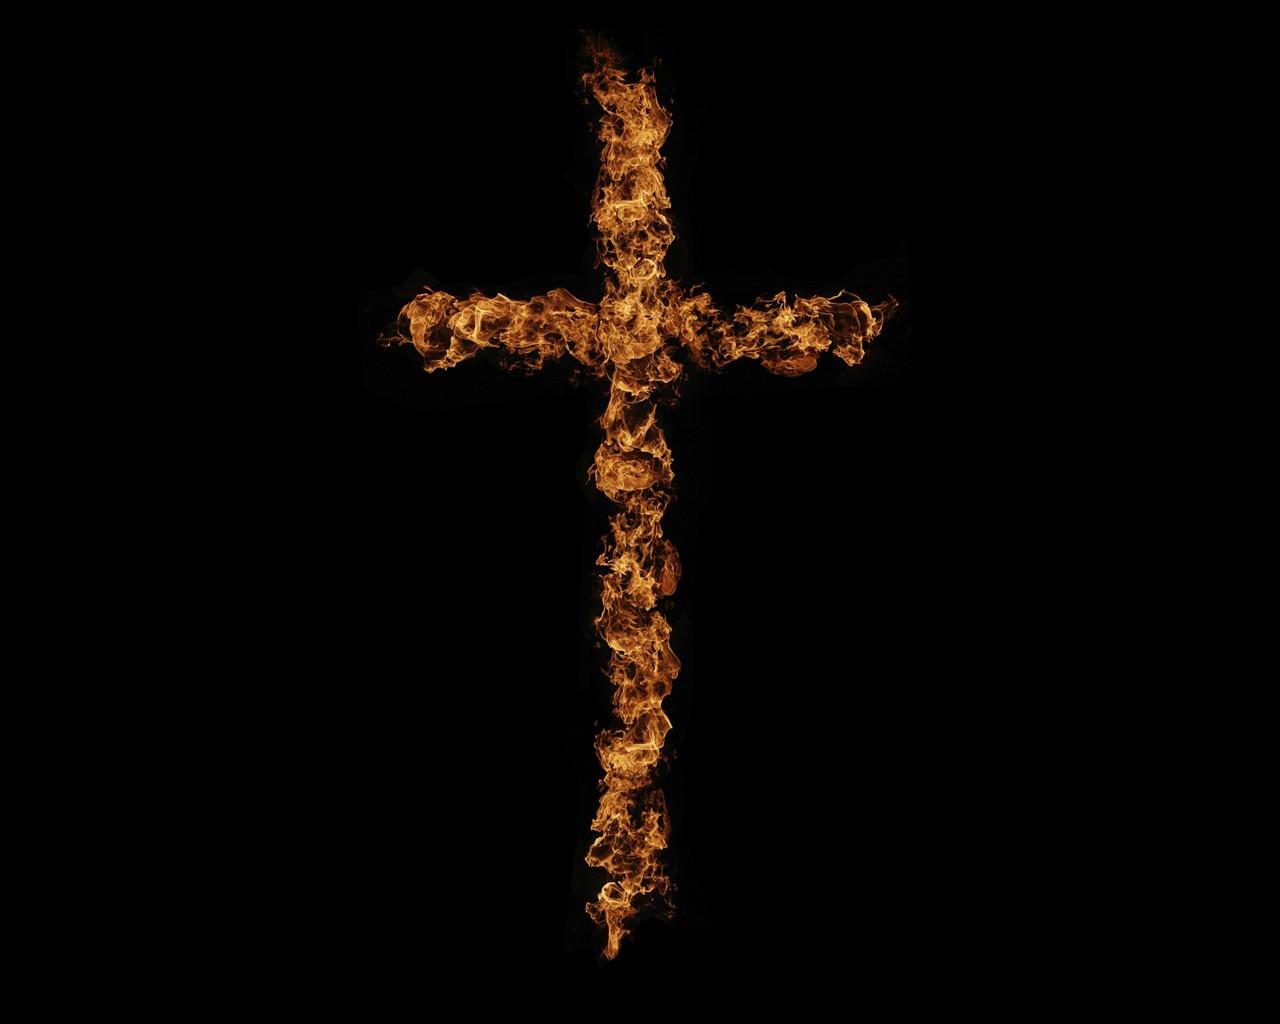 20491 скачать обои Кресты, Фон, Огонь - заставки и картинки бесплатно